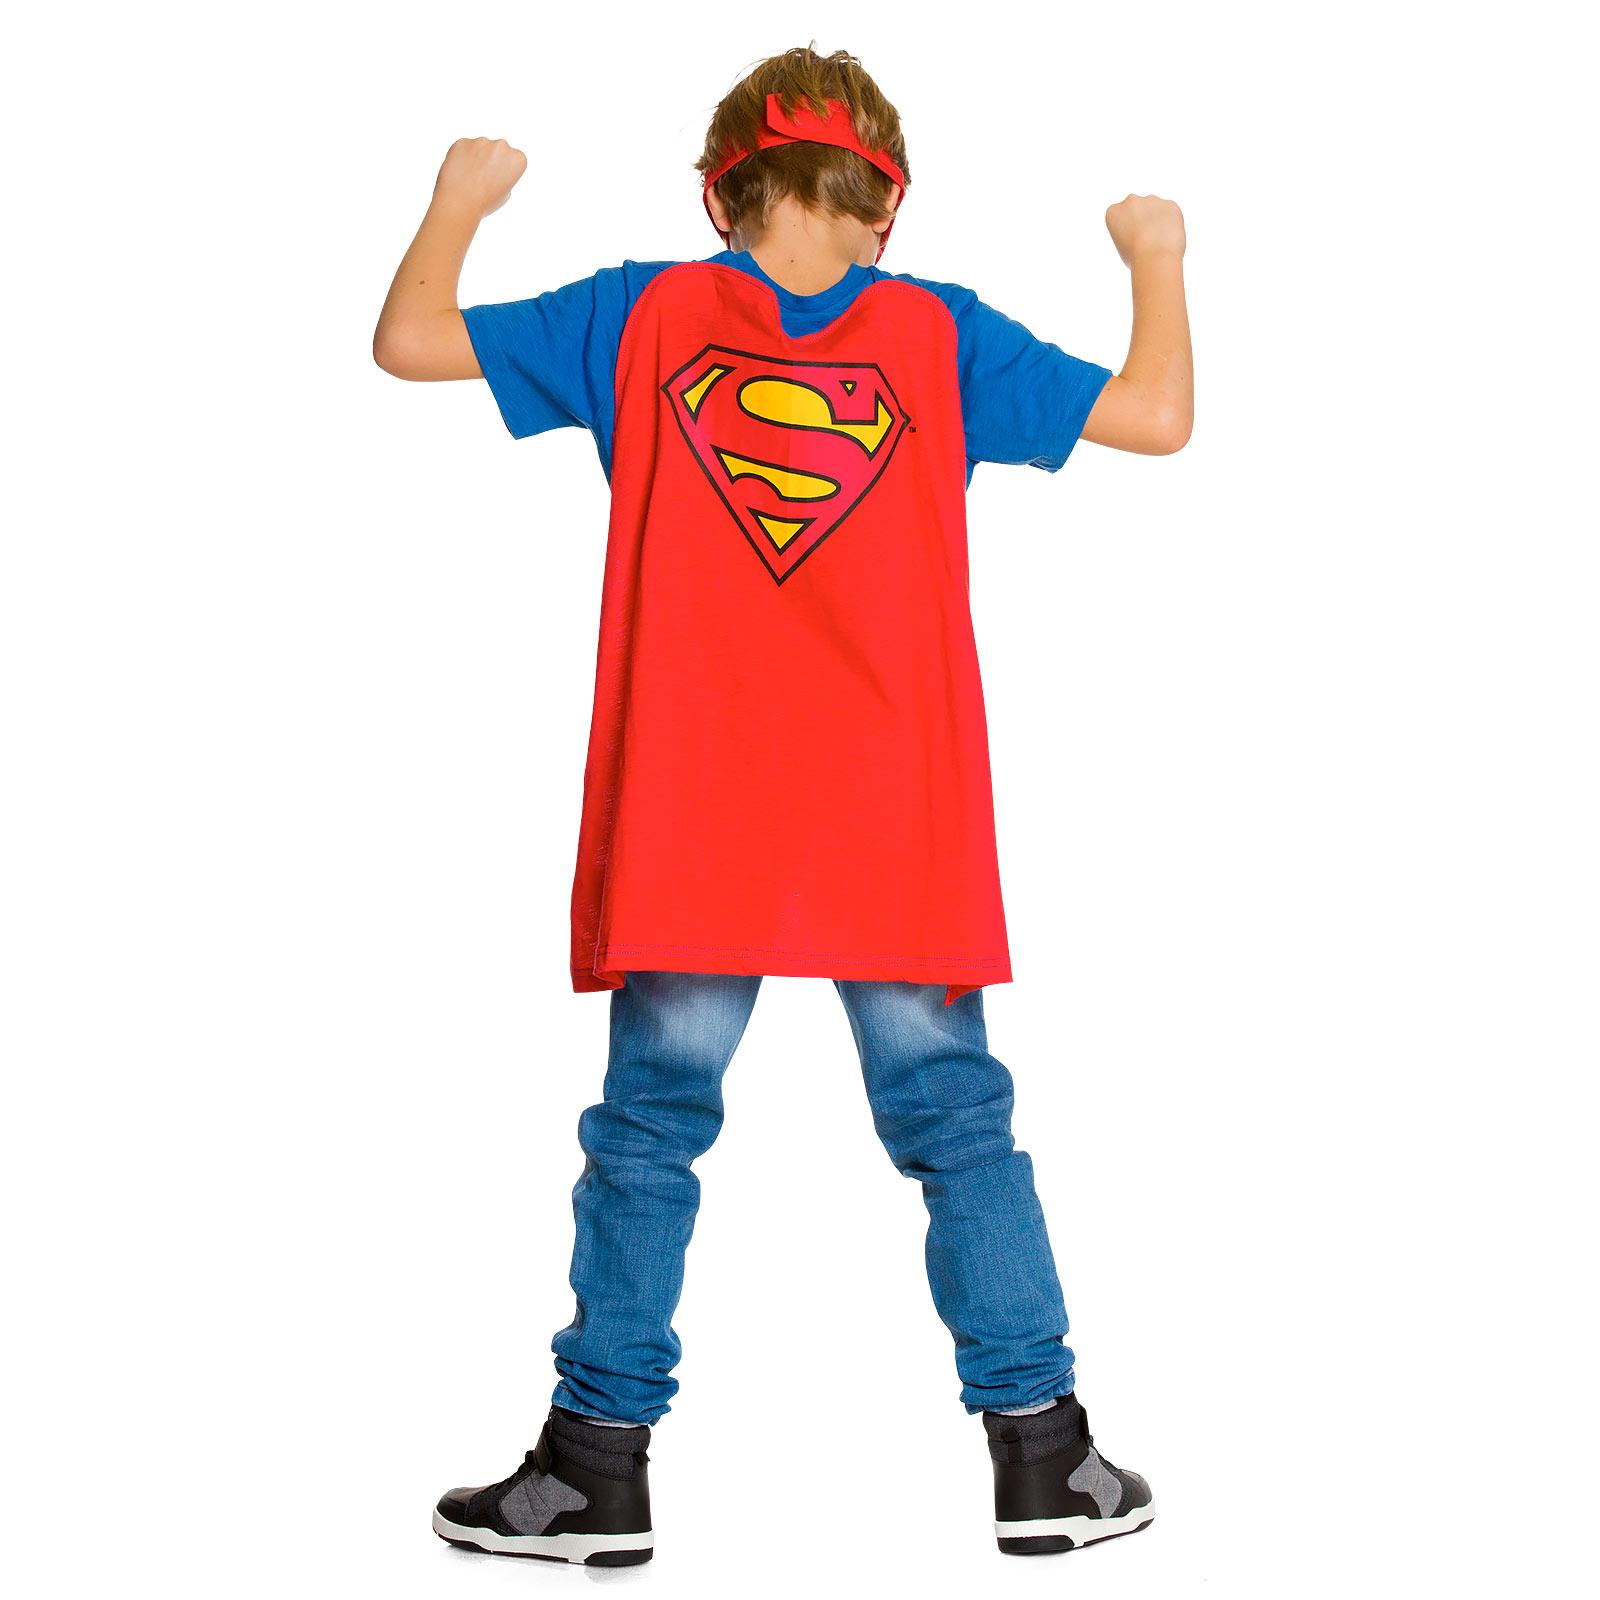 Superman - Kinder T-Shirt mit Cape & Augenmaske